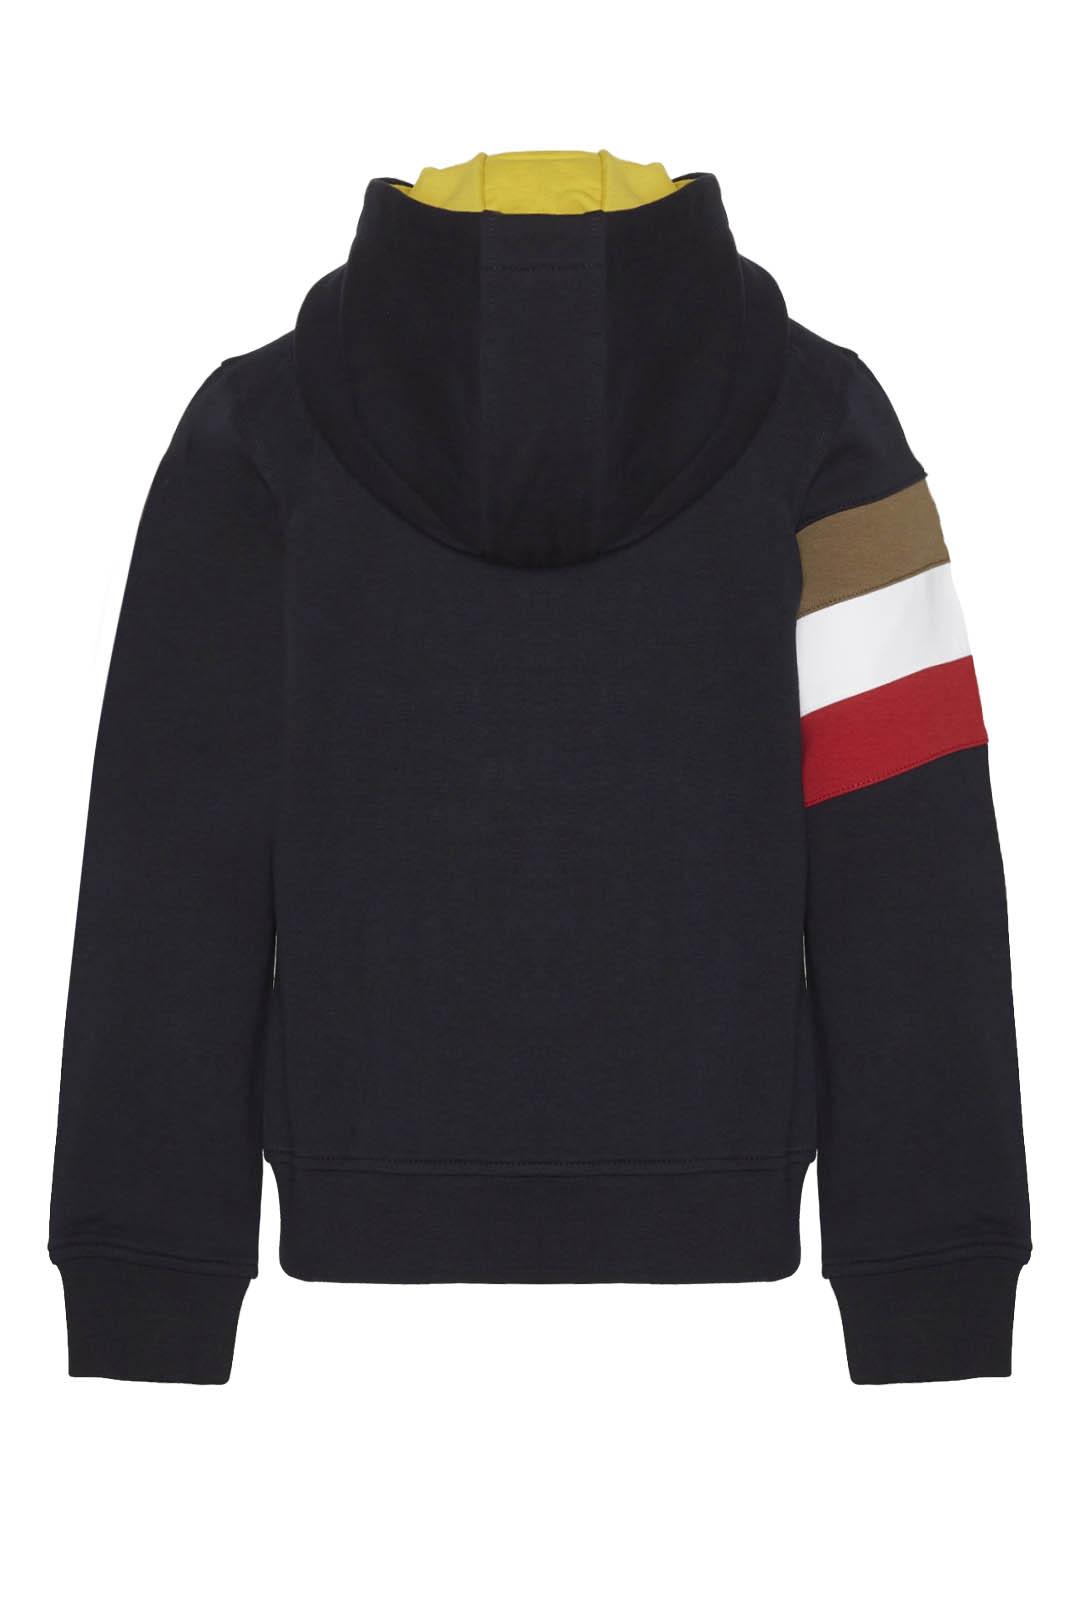 Sweatshirt à capuche et bande tricolore  2